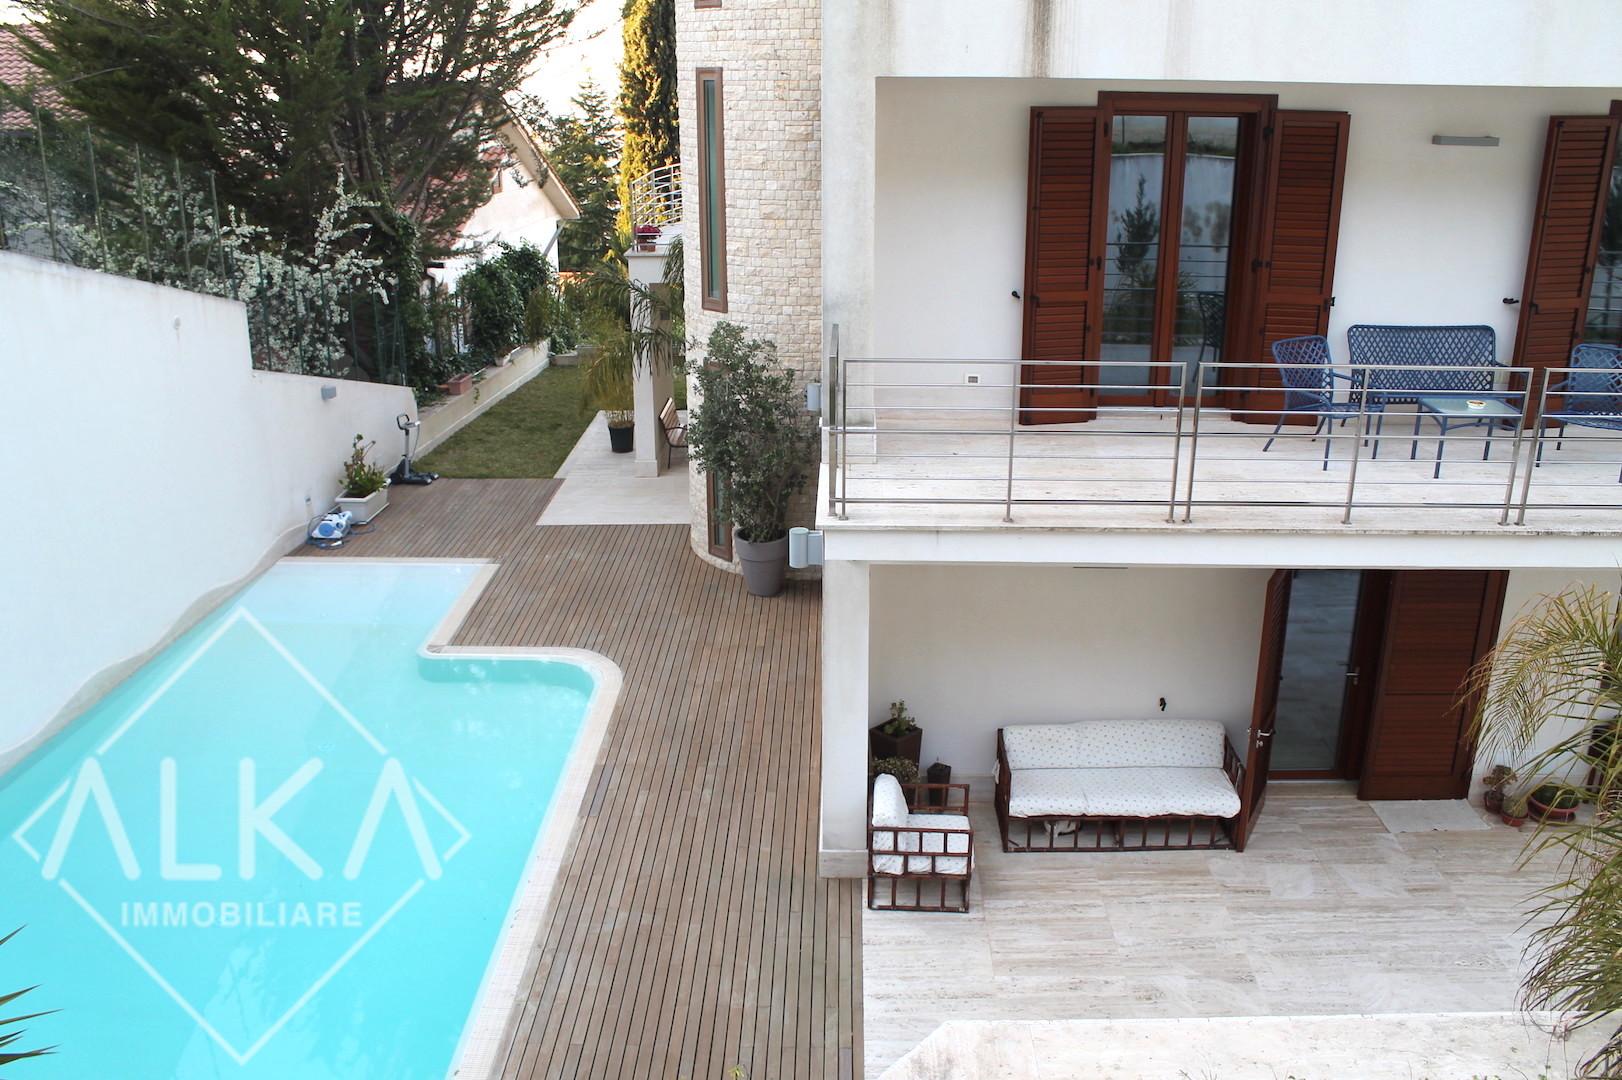 Prestigiosa villa in vendita ad Alcamo – panoramica